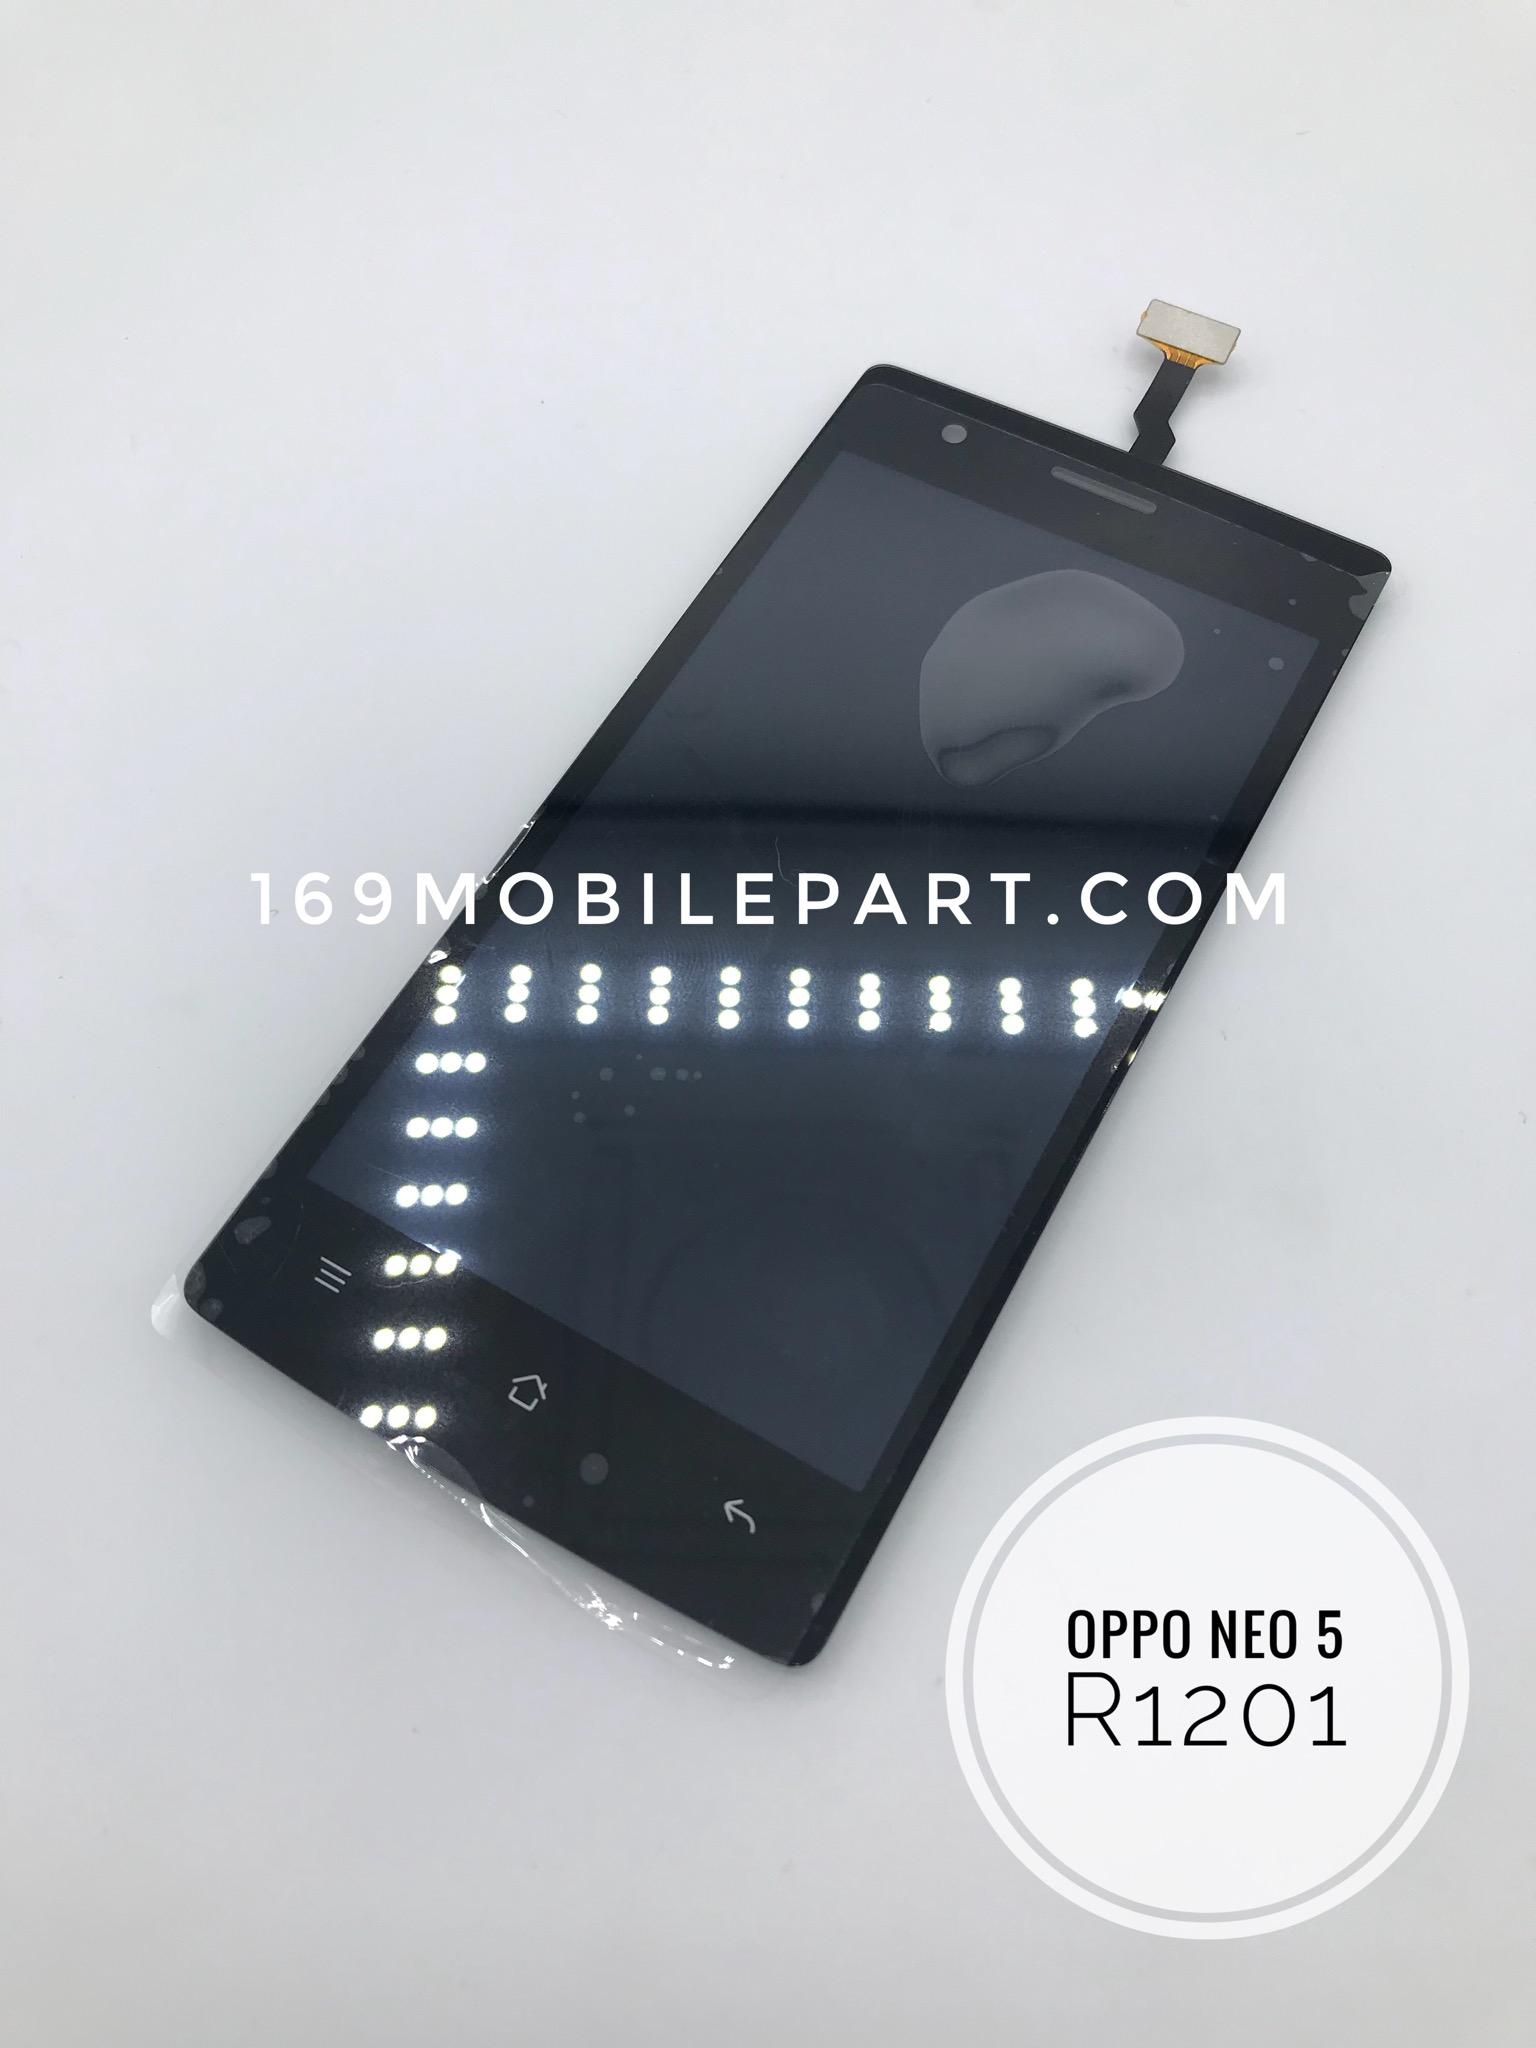 หน้าจอ + ทัชสกรีน OPPO NEO 5 R1201